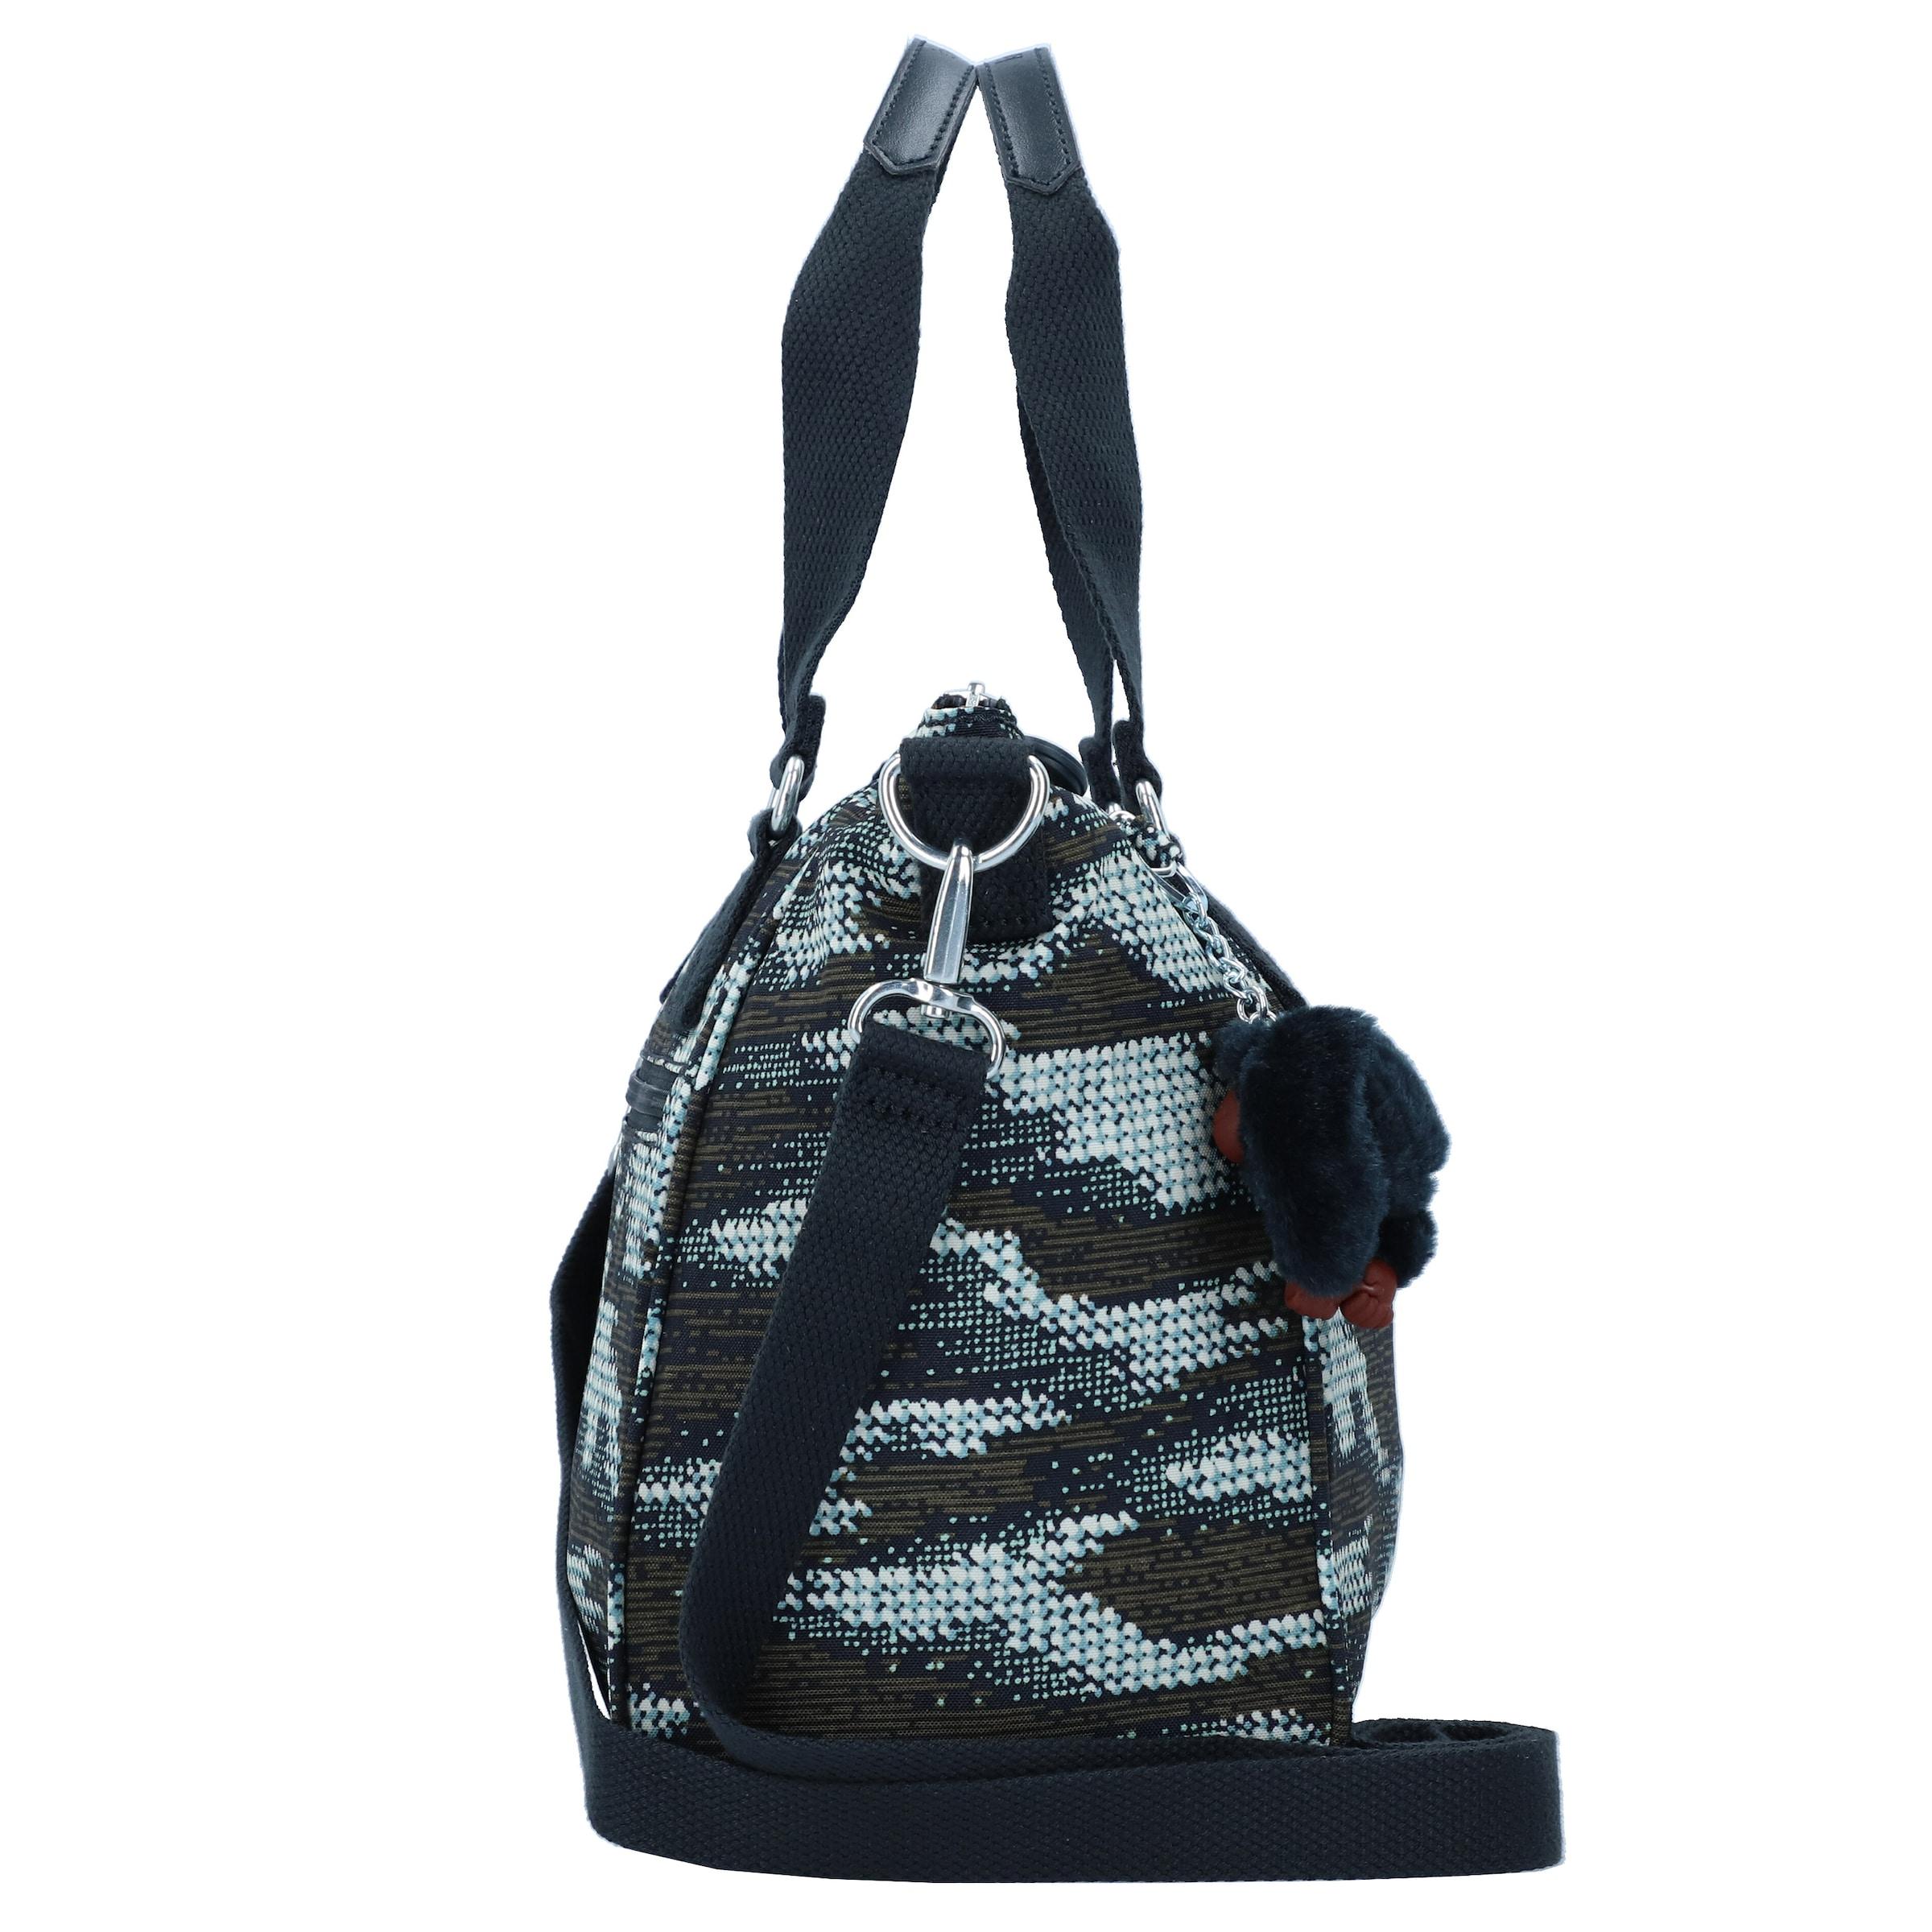 Khaki 'amiel' NachtblauHellblau In Weiß Kipling Handtasche JcuF31TK5l